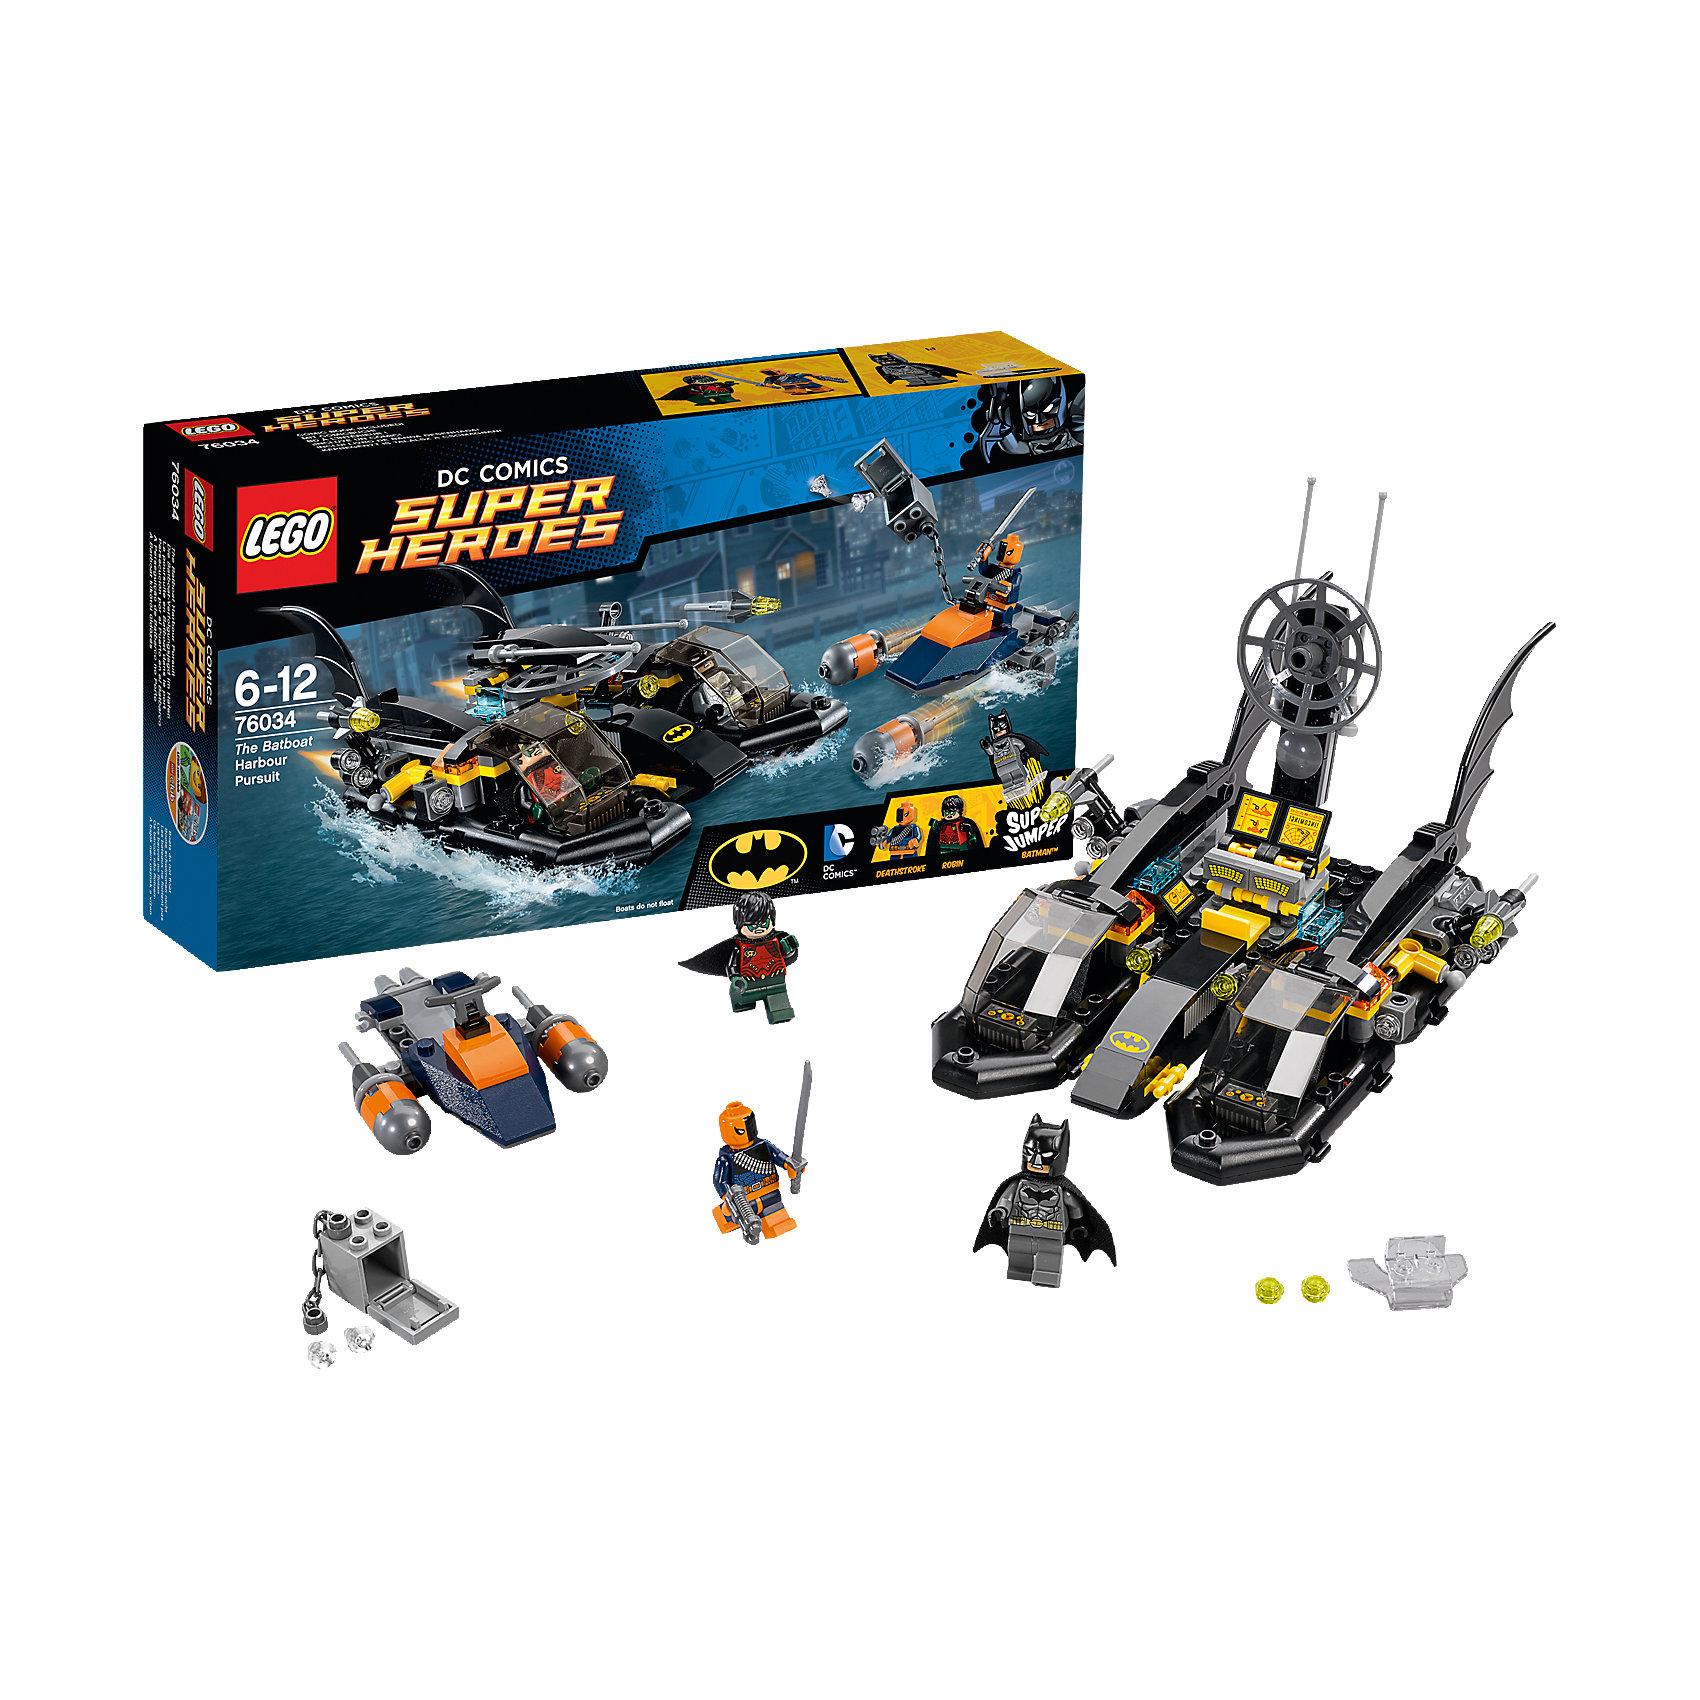 LEGO Super Heroes 76034: Погоня в бухте на БэткатереЗамечательная новинка 2015 года от LEGO Super Heroes (ЛЕГО Супер Герои) 76034: Погоня в бухте на Бэткатере. Дезстроук организовал масштабное ограбление. В его руках оказались алмазы огромной ценности. Он продумал все до мелочей: умчать его от преследователей должен реактивный катер. Однако скрыться от блюстителей порядка не так легко. Поручить такую отважную миссию можно только прославленным героям: Бэтмену и Робину. С помощью сверхмощных радаров герои быстро отслеживают местонахождение преступника. И начинается погоня. Героям приходится нелегко: ракеты Дезстроука разят точно в цель. Дезстроук передвигается прыжками, надеясь обмануть радар преследователей и скрыться из виду. Бэткатер стремительно передвигается на воздушной подушке, но каким будет исход погони решать только тебе!<br><br>LEGO Super Heroes (ЛЕГО Супер Герои) - серия конструкторов созданная специально по мотивам всеми известных комиксов. Спасай мир и борись со злом вместе с любимыми супергероями! Наборы серии можно комбинировать между собой, давая безграничный простор для фантазии и придумывая свои новые истории. <br><br>Дополнительная информация:<br><br>- Конструкторы LEGO (ЛЕГО) развивают усидчивость, внимание, фантазию и мелкую моторику; <br>- В комплекте 3 минифигурки с аксессуарами: Бэтмен, Робин, Дезстроук;<br>- Количество деталей: 264 шт;<br>- Серия ЛЕГО Супер Герои (LEGO Super Heroes);<br>- Материал: пластик;<br>- Размер: 35,4 х 19,1 х 7 см;<br>- Вес: 0,5 кг<br><br>Конструктор LEGO Super Heroes (ЛЕГО Супер Герои) 76034: Погоня в бухте на Бэткатере, можно купить в нашем магазине.<br><br>Ширина мм: 356<br>Глубина мм: 192<br>Высота мм: 76<br>Вес г: 501<br>Возраст от месяцев: 72<br>Возраст до месяцев: 144<br>Пол: Мужской<br>Возраст: Детский<br>SKU: 4047384